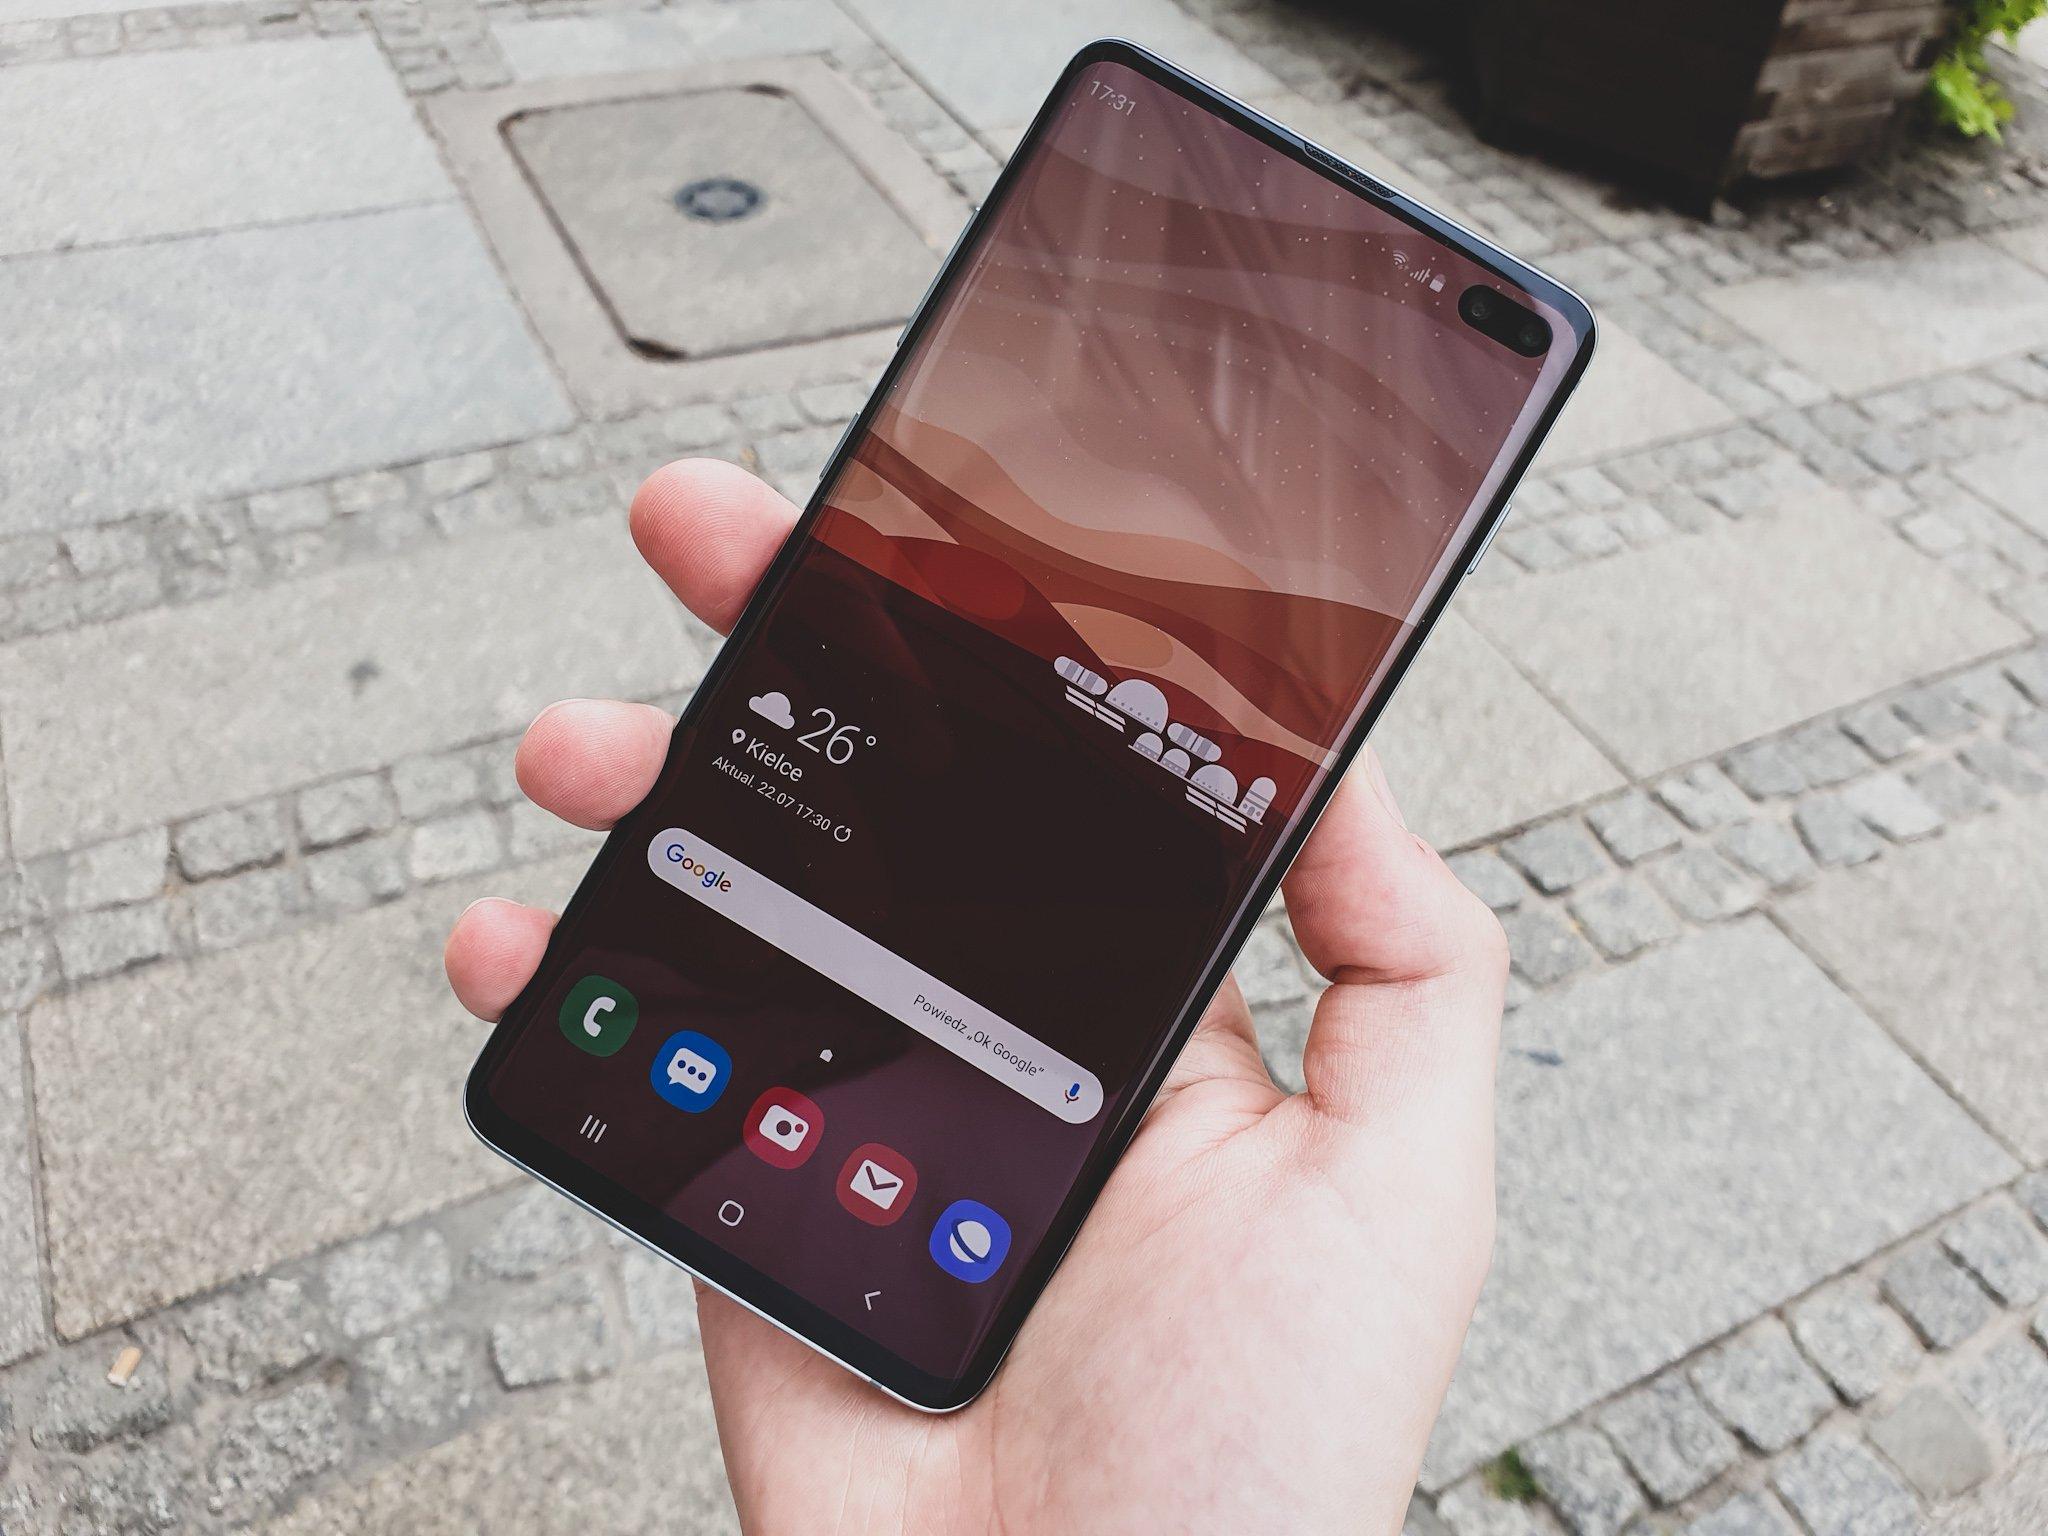 Czytnik linii papilarnych w Samsungu Galaxy S10 oszukasz, naklejając na ekran nieoryginalną folię